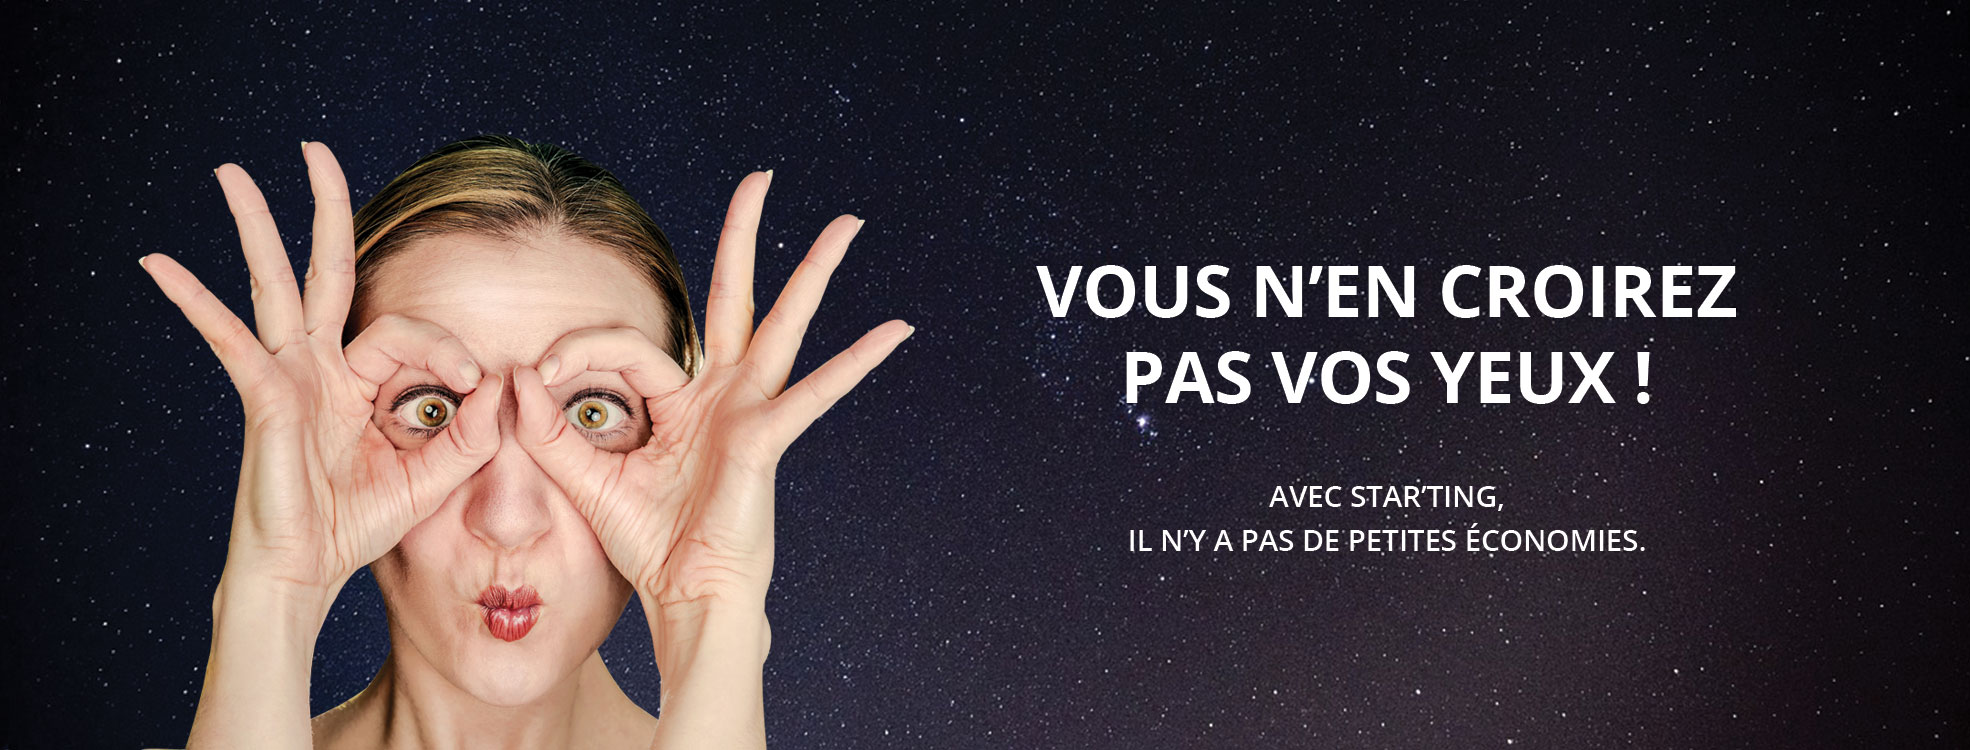 Starting Credits votre courtier à Rennes pour vos prêts immobiliers, rachat de prêt ou assurance de prêts bandeau